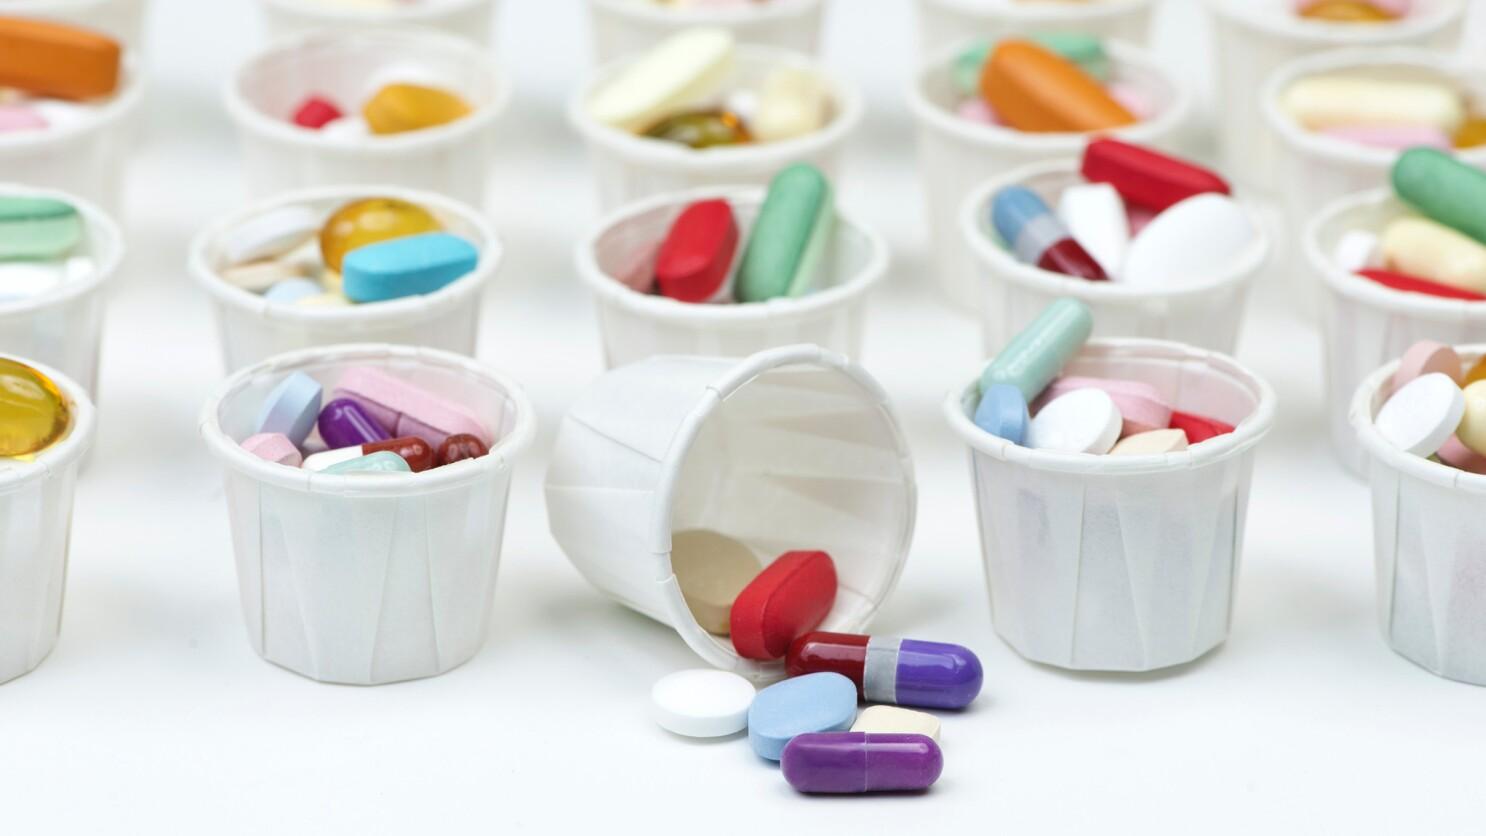 Điều trị u tuyến giáp bằng thuốc thường được áp dụng khi khối u còn nhỏ